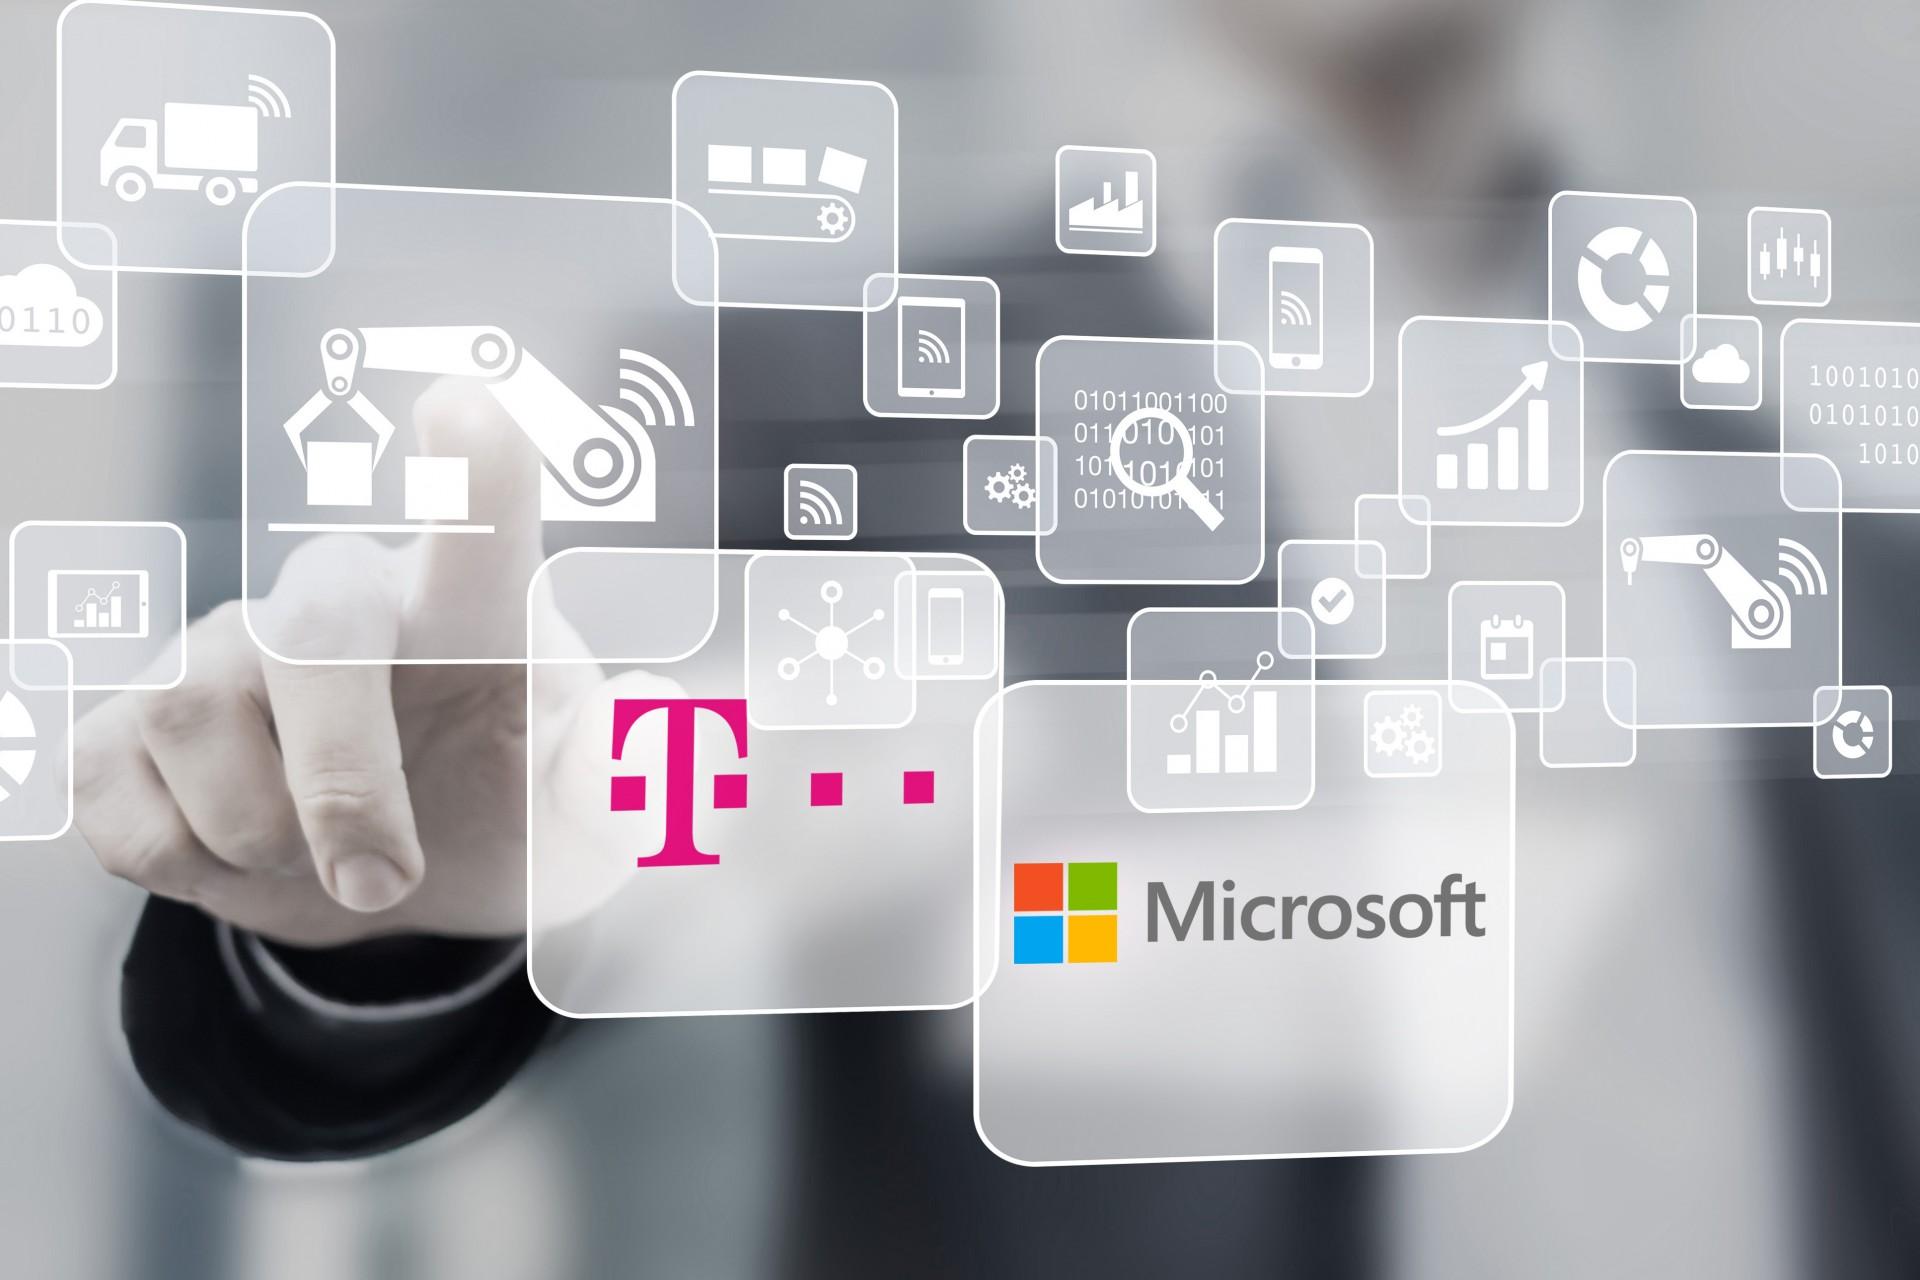 Телеком и партнерот Microsoft предводници на cloud иновации